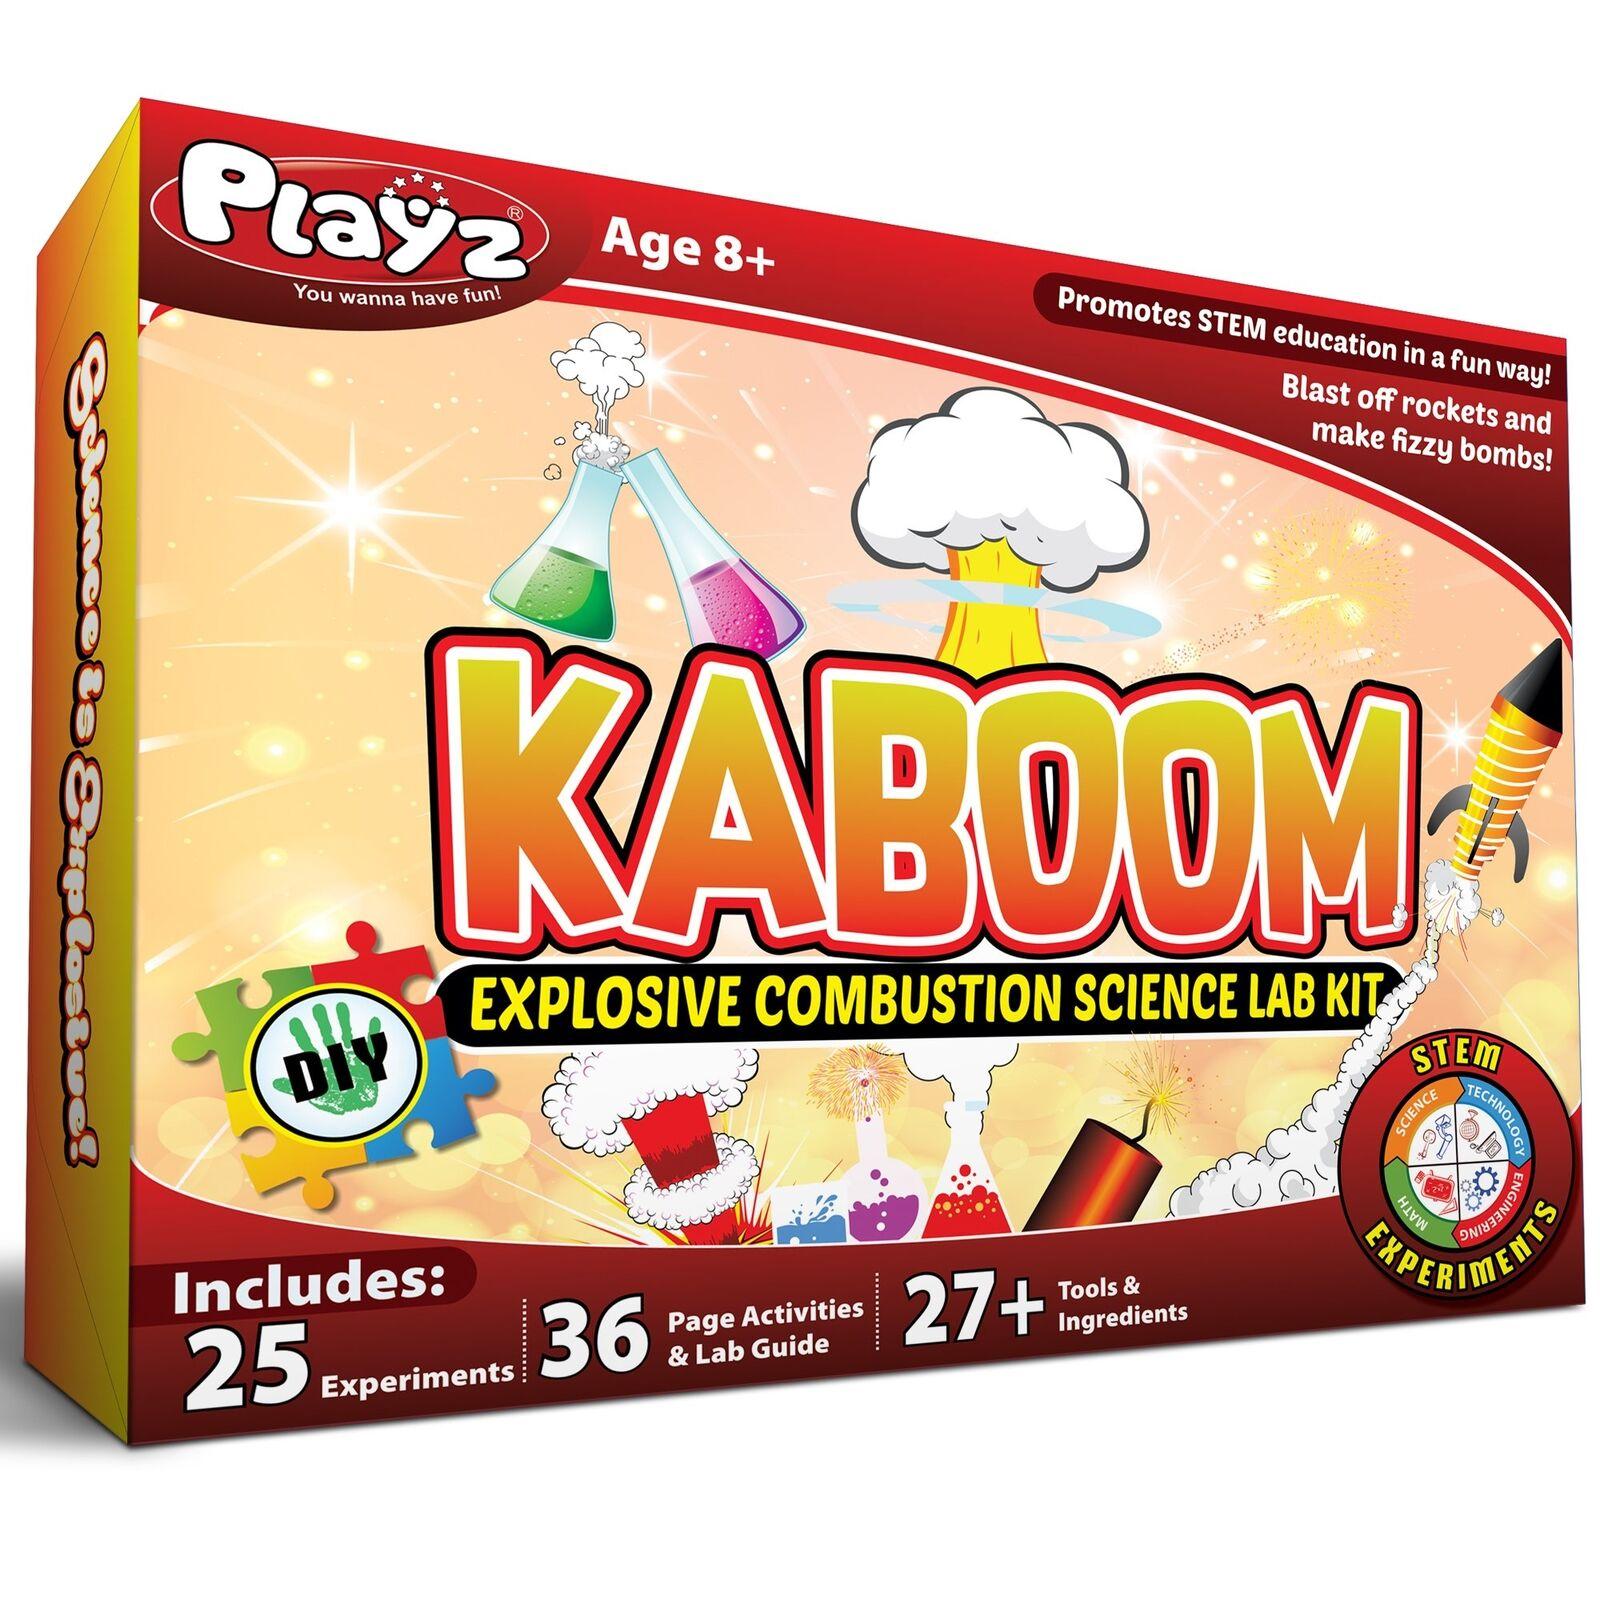 Playz kaboom explosionsartige verbrennung science lab - kit - 25 + sich experimente - heimwerker